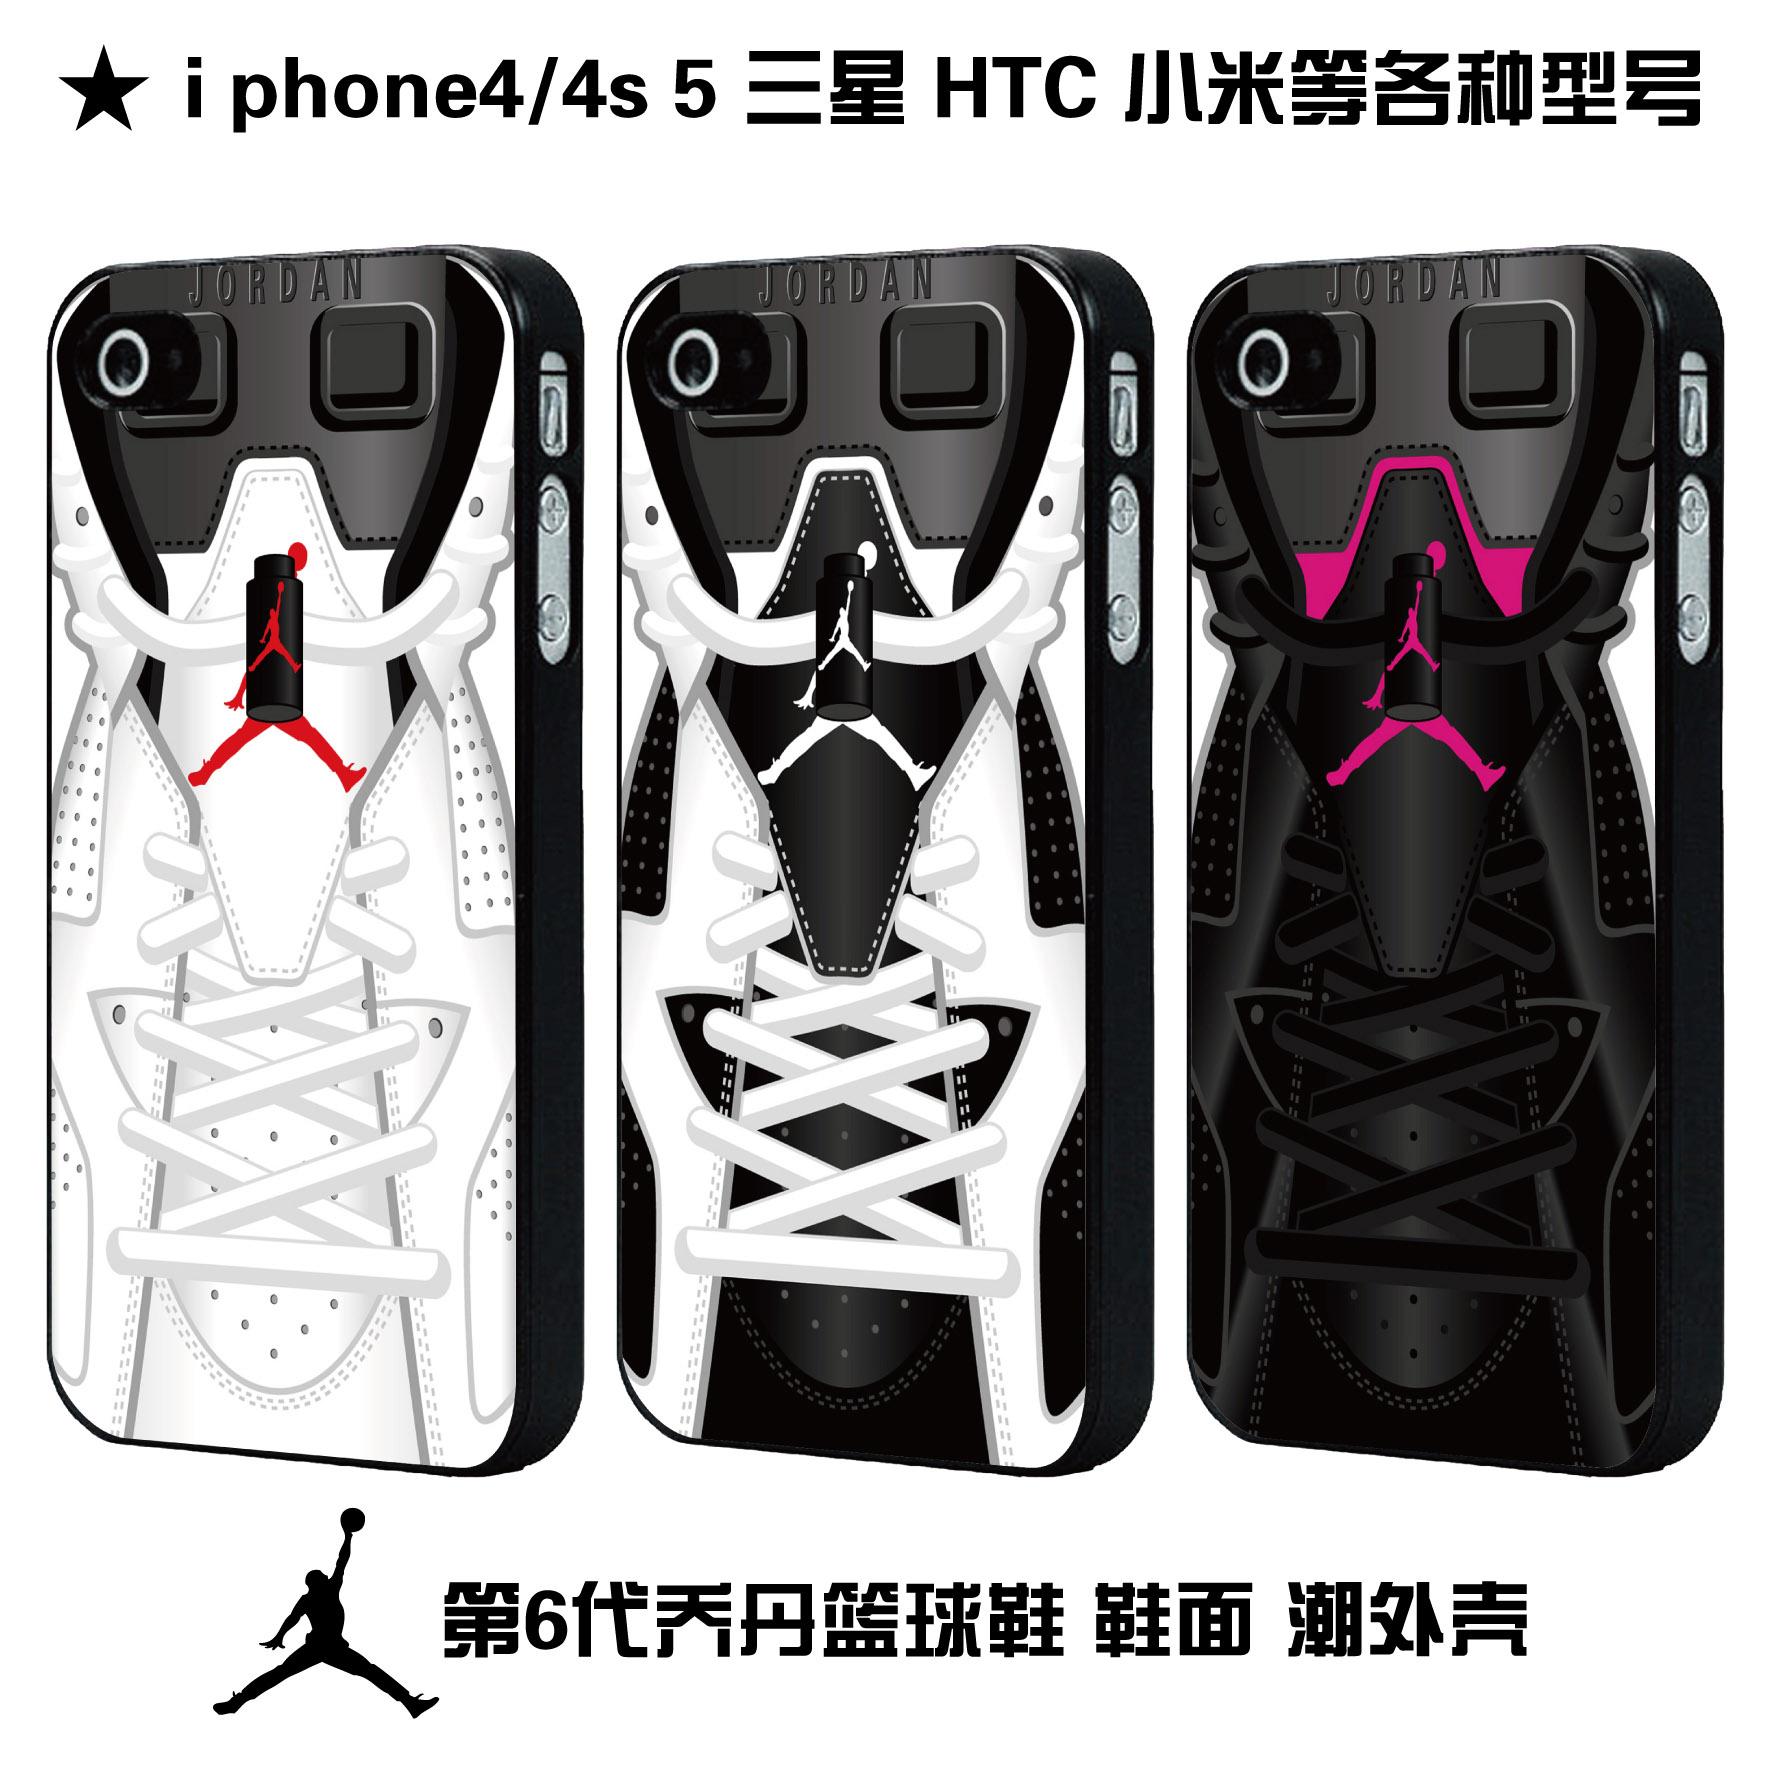 AIR JORDAN 6 乔丹篮球6代 手机壳 aj 三星三星5830/5838 价格:35.00